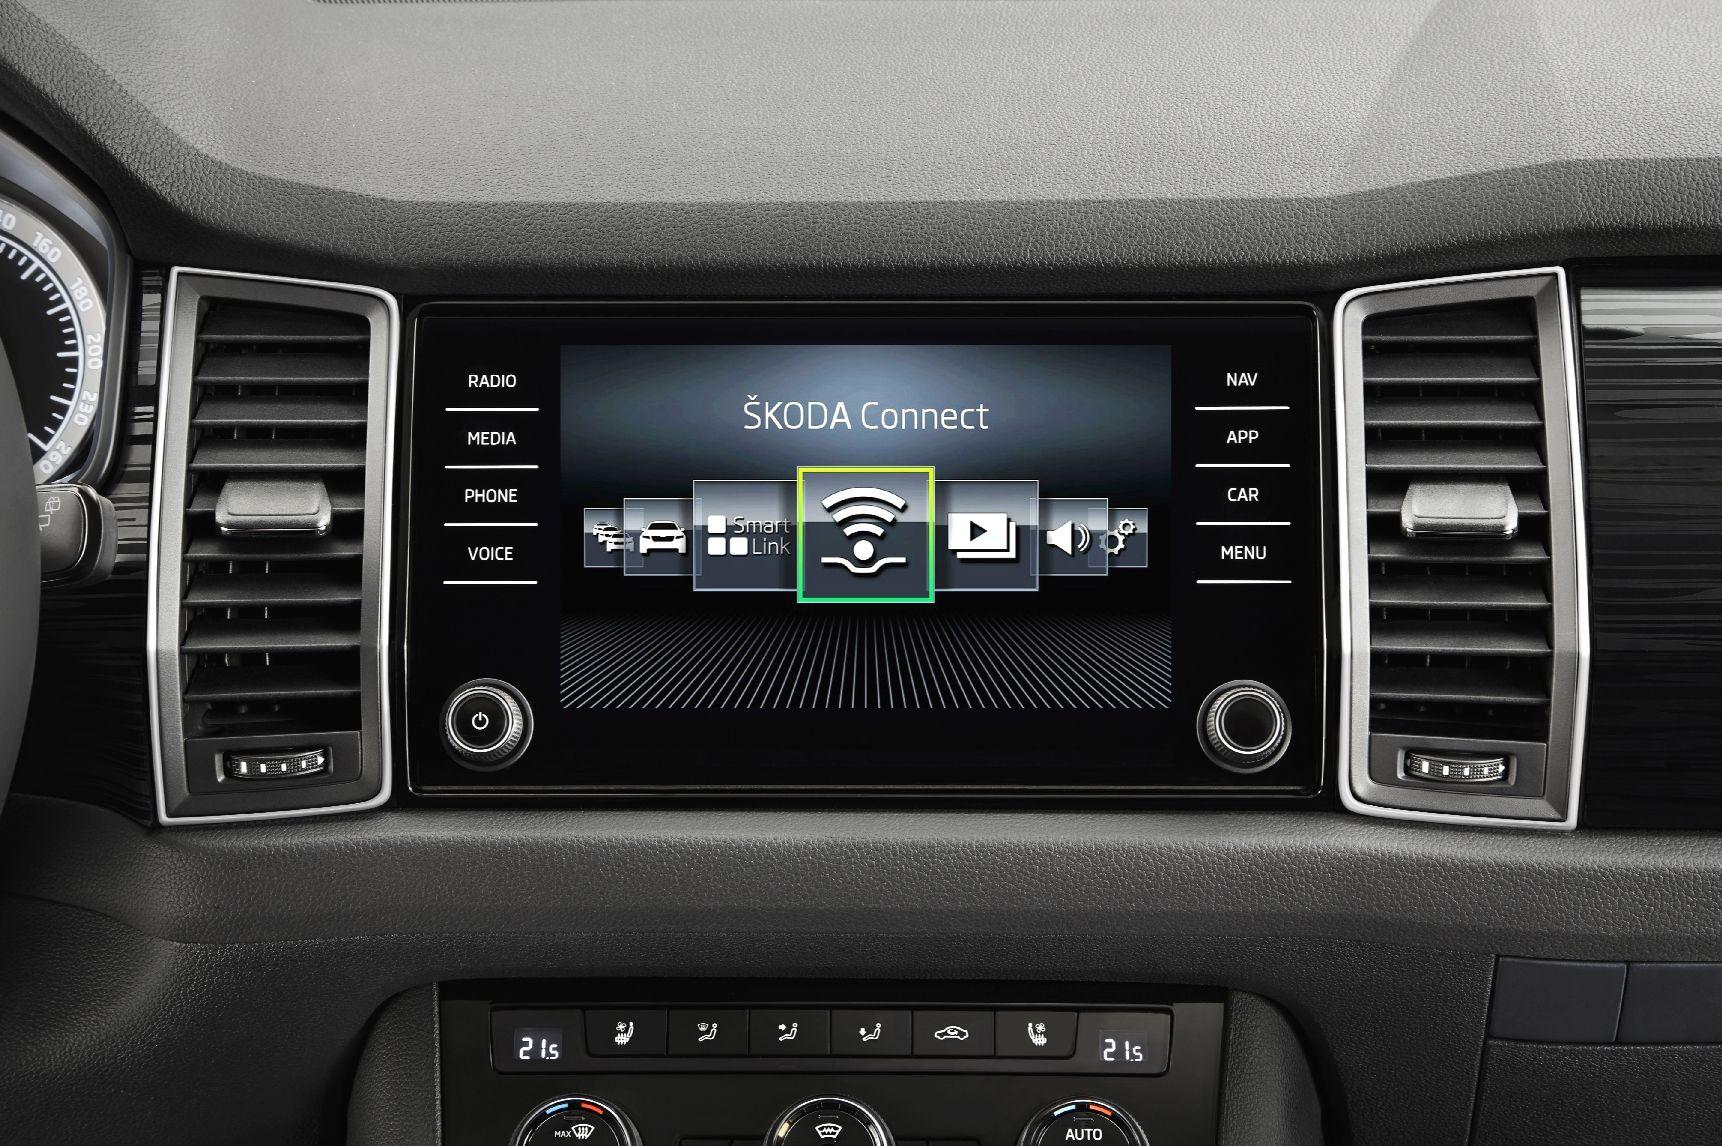 Dit is het interieur van de Skoda Kodiaq SUV Dashboard